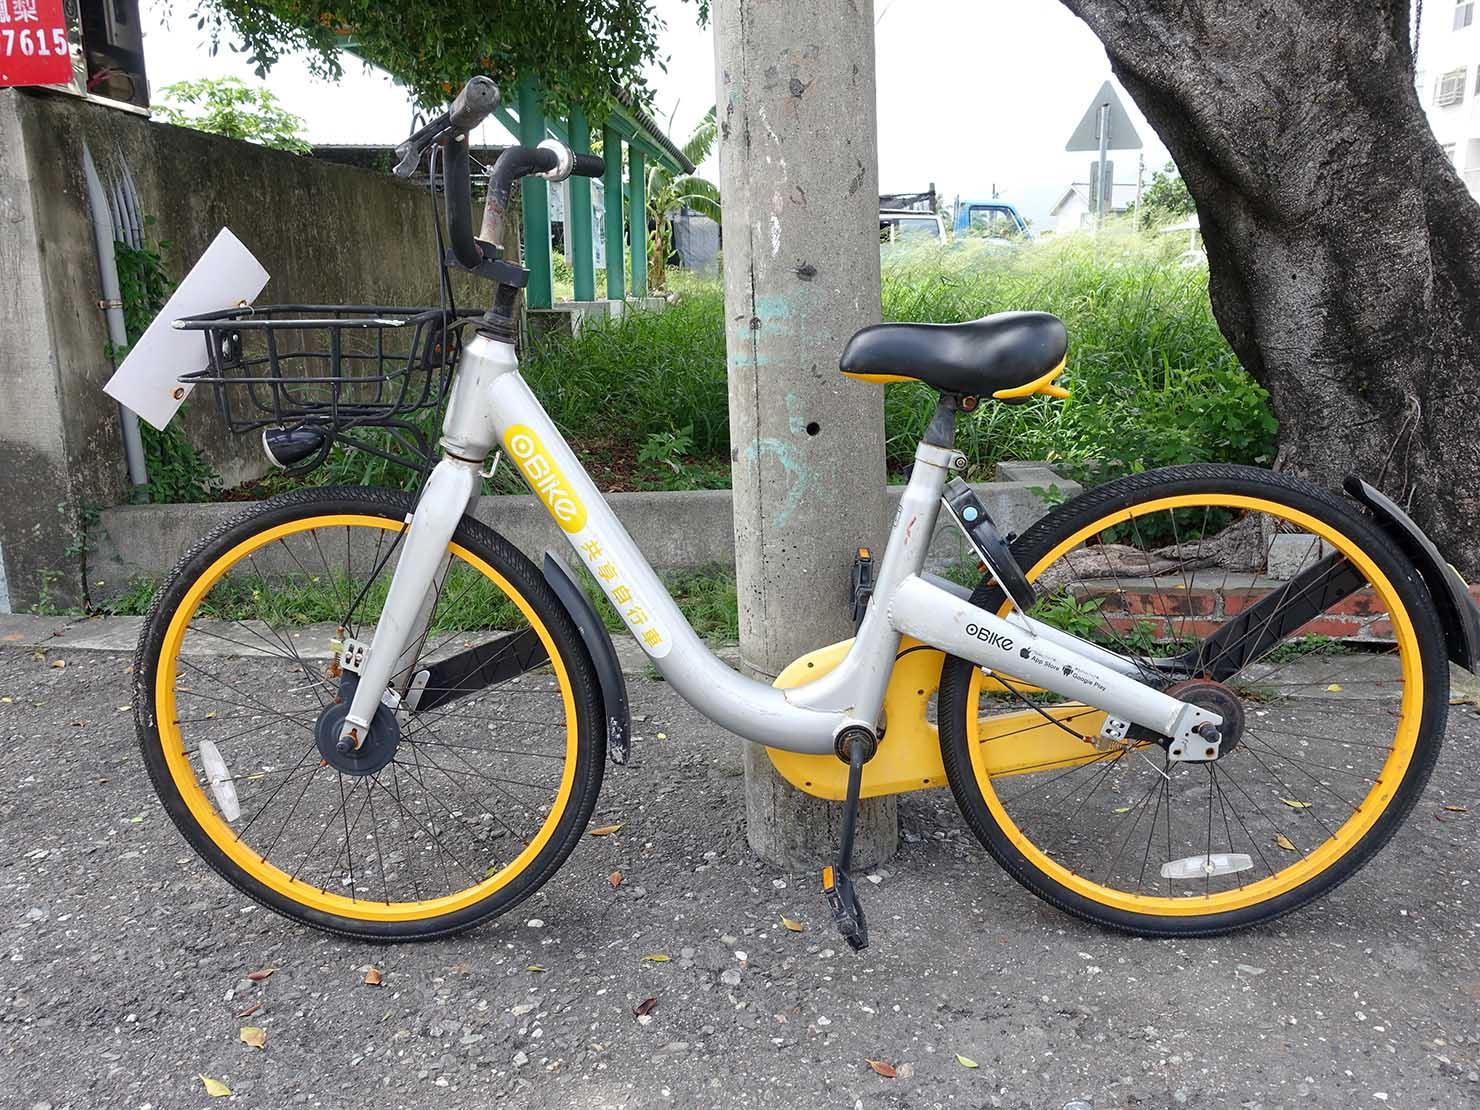 台東旅行で使える便利なシェアサイクル「obike」